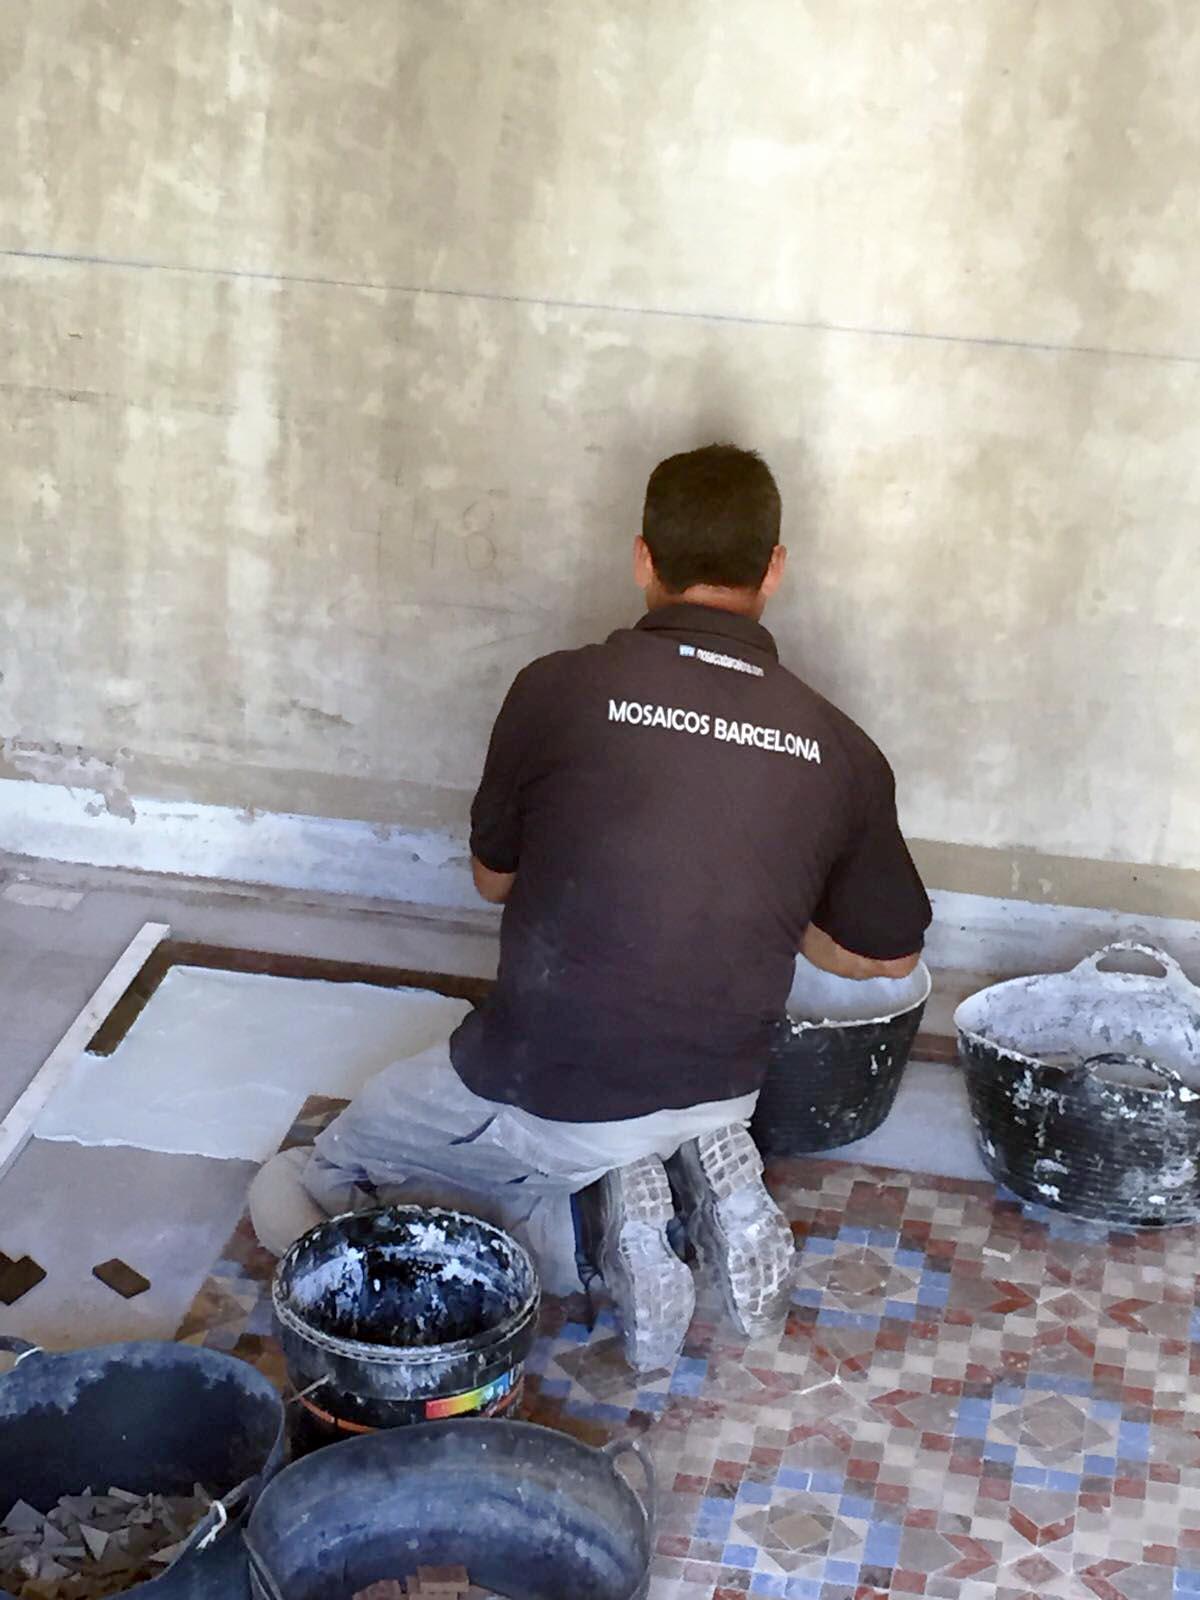 MosaicosBarcelona-Recuperacion-suelo-nolla-en-vivienda-calle-Trafalgar-Barcelona-15